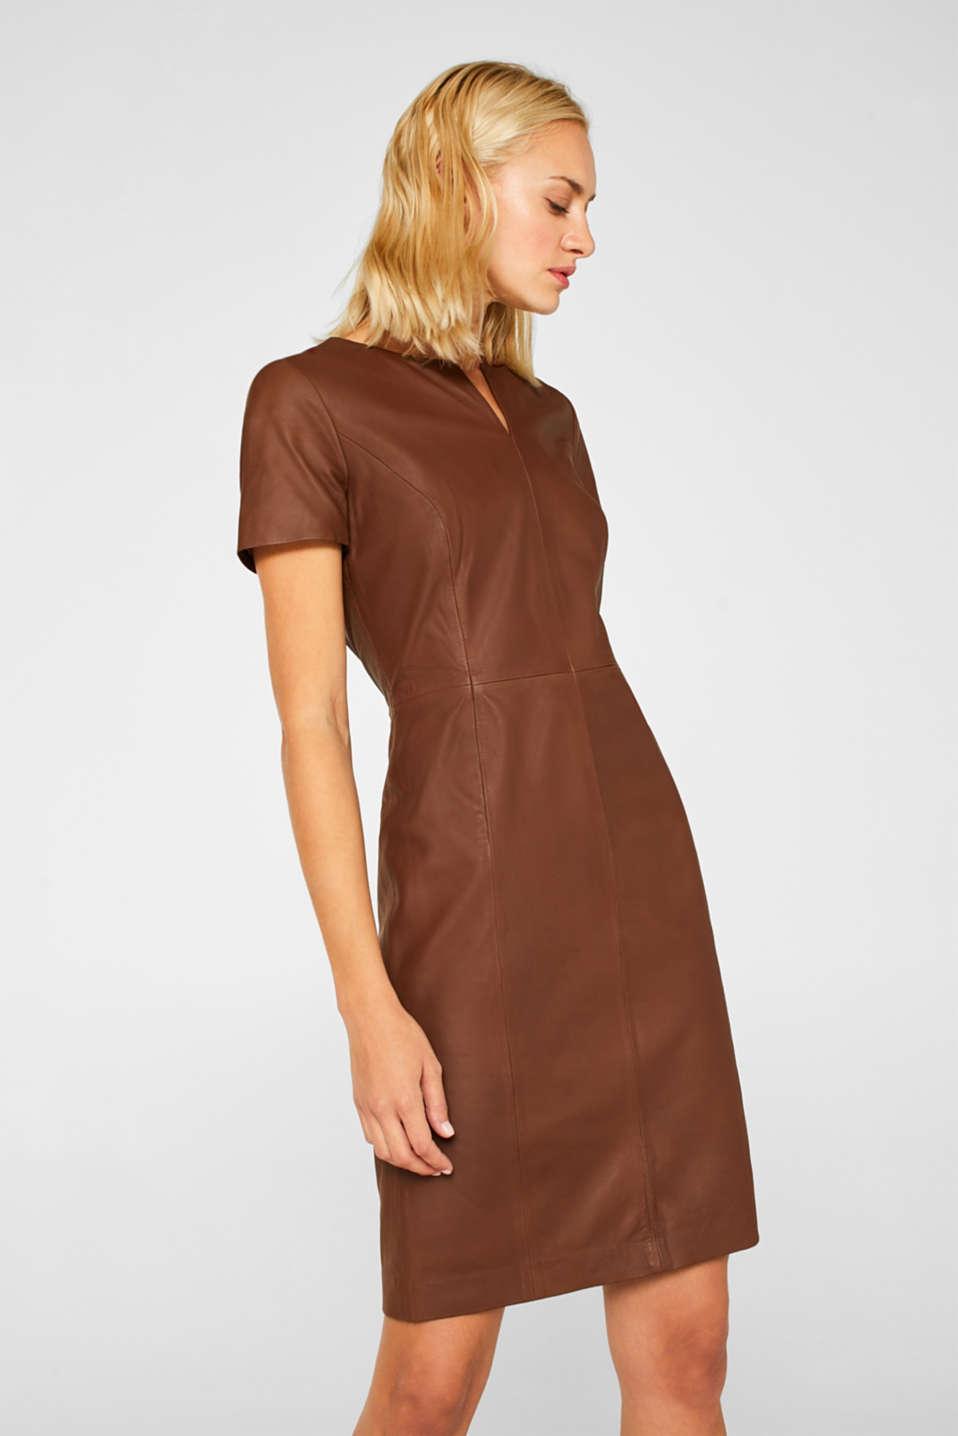 Dresses leather, CARAMEL, detail image number 0